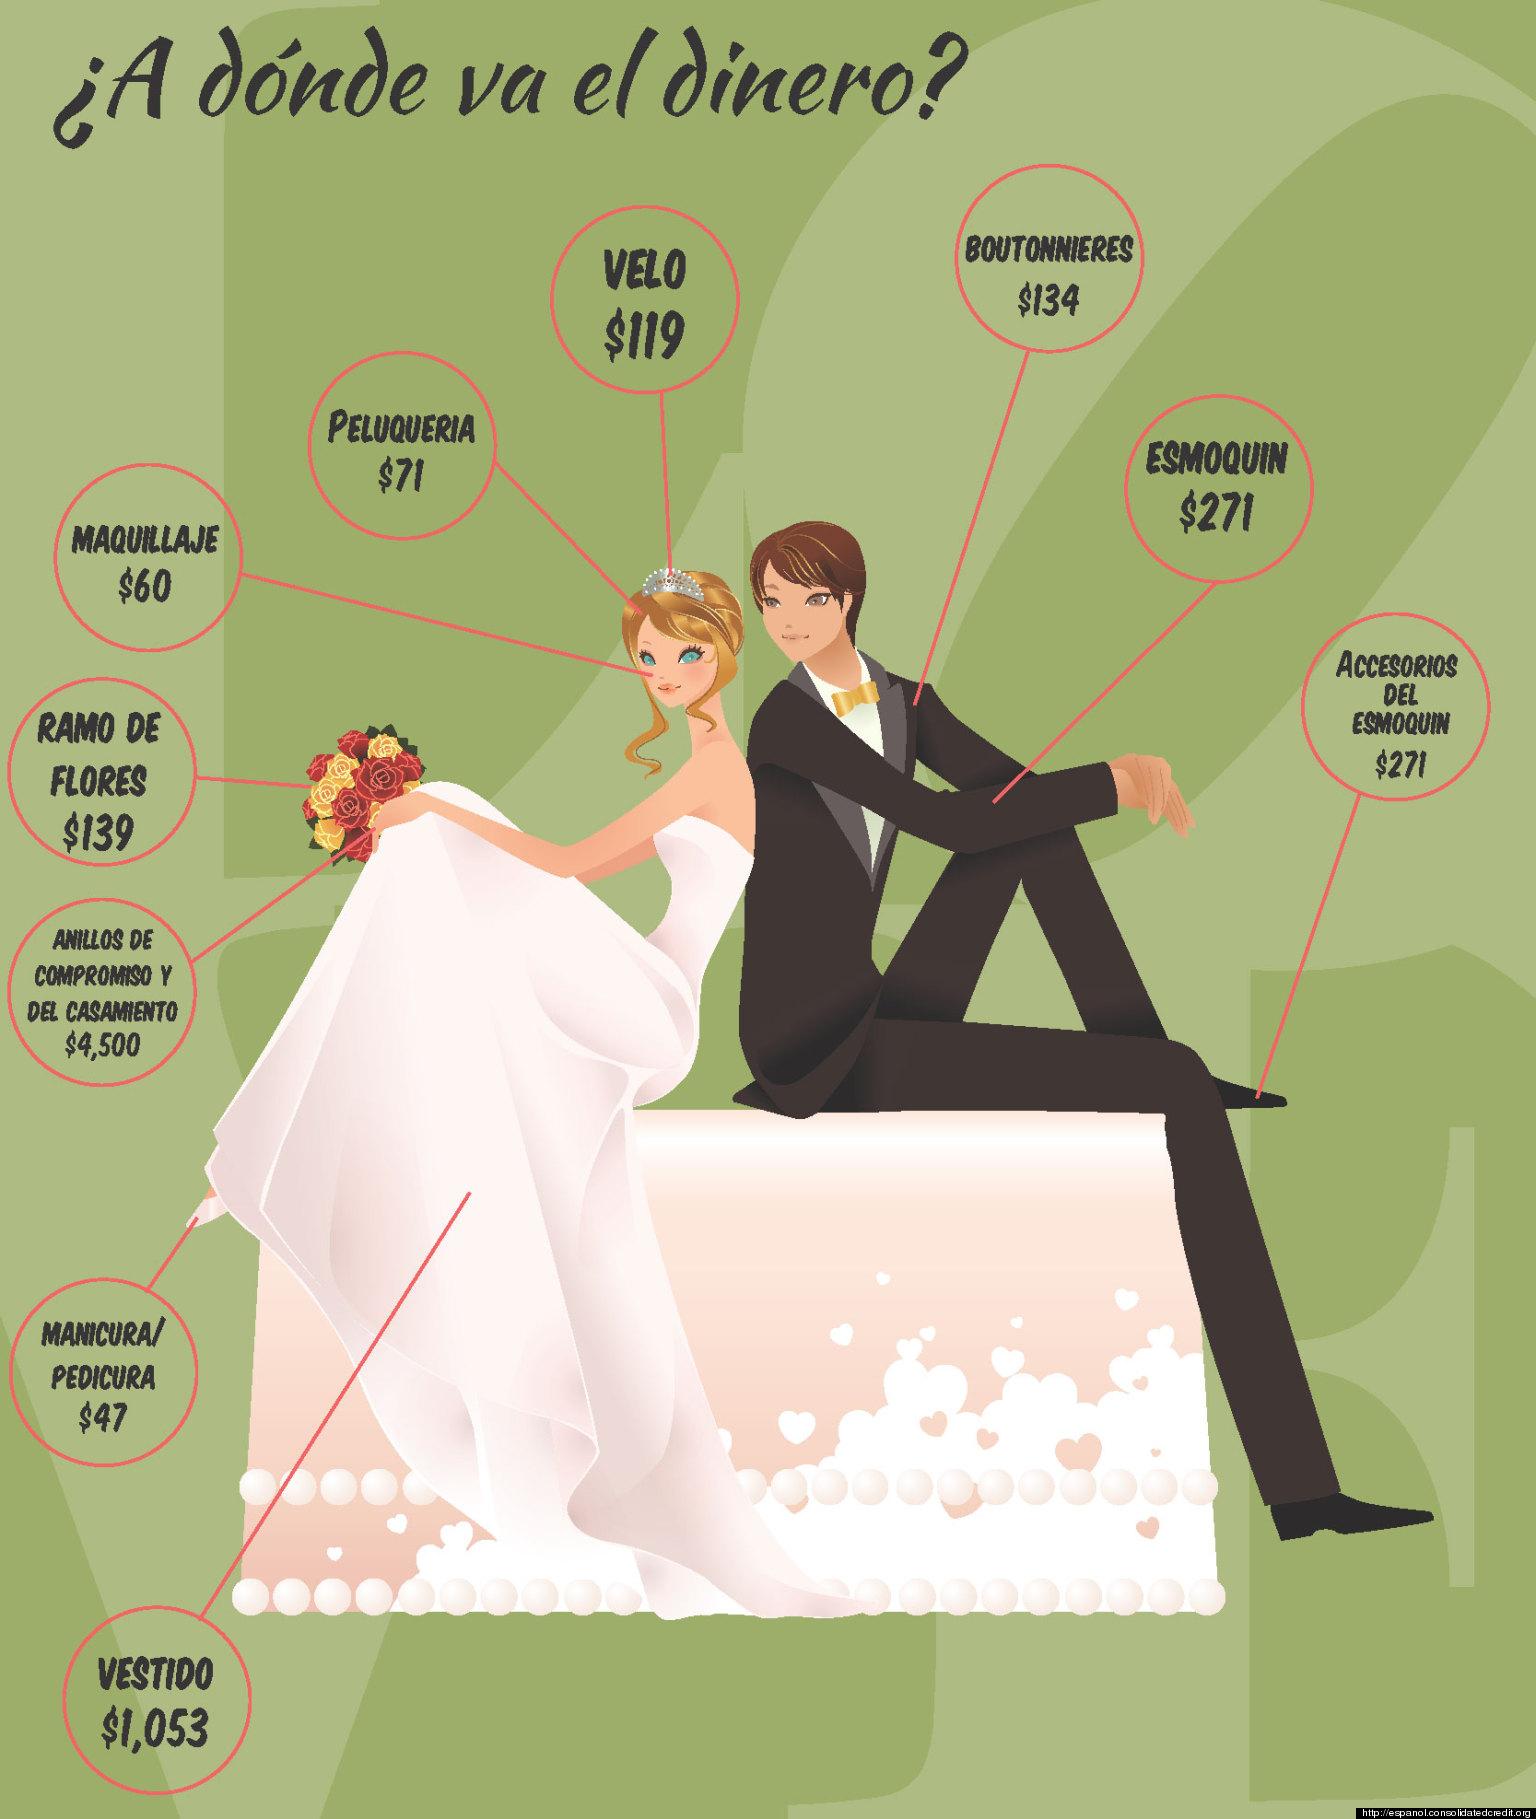 C mo organizar una boda con un presupuesto limitado huffpost - Organizar una boda ...